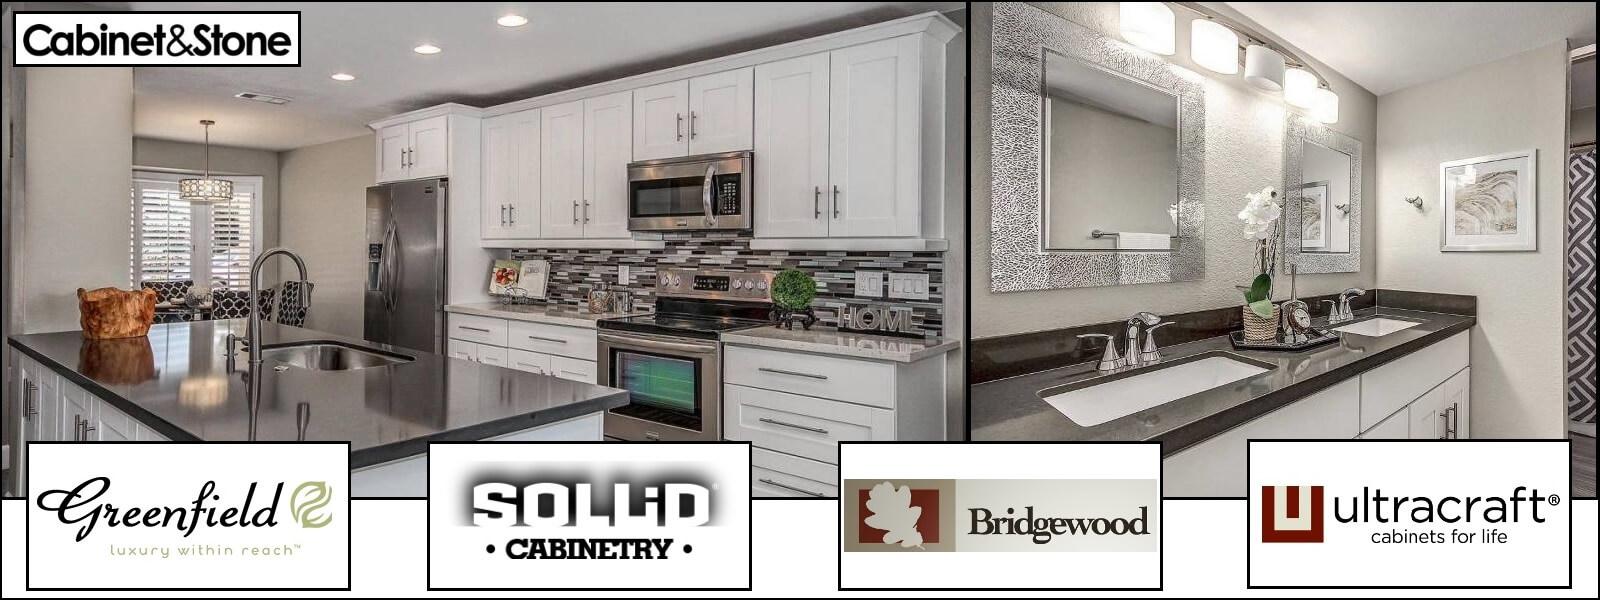 kitchen cabinetandstone kitchen remodel scottsdale Sollid Cabinetry Dealer Scottsdale Cabinet Stone Kitchen Remodeling